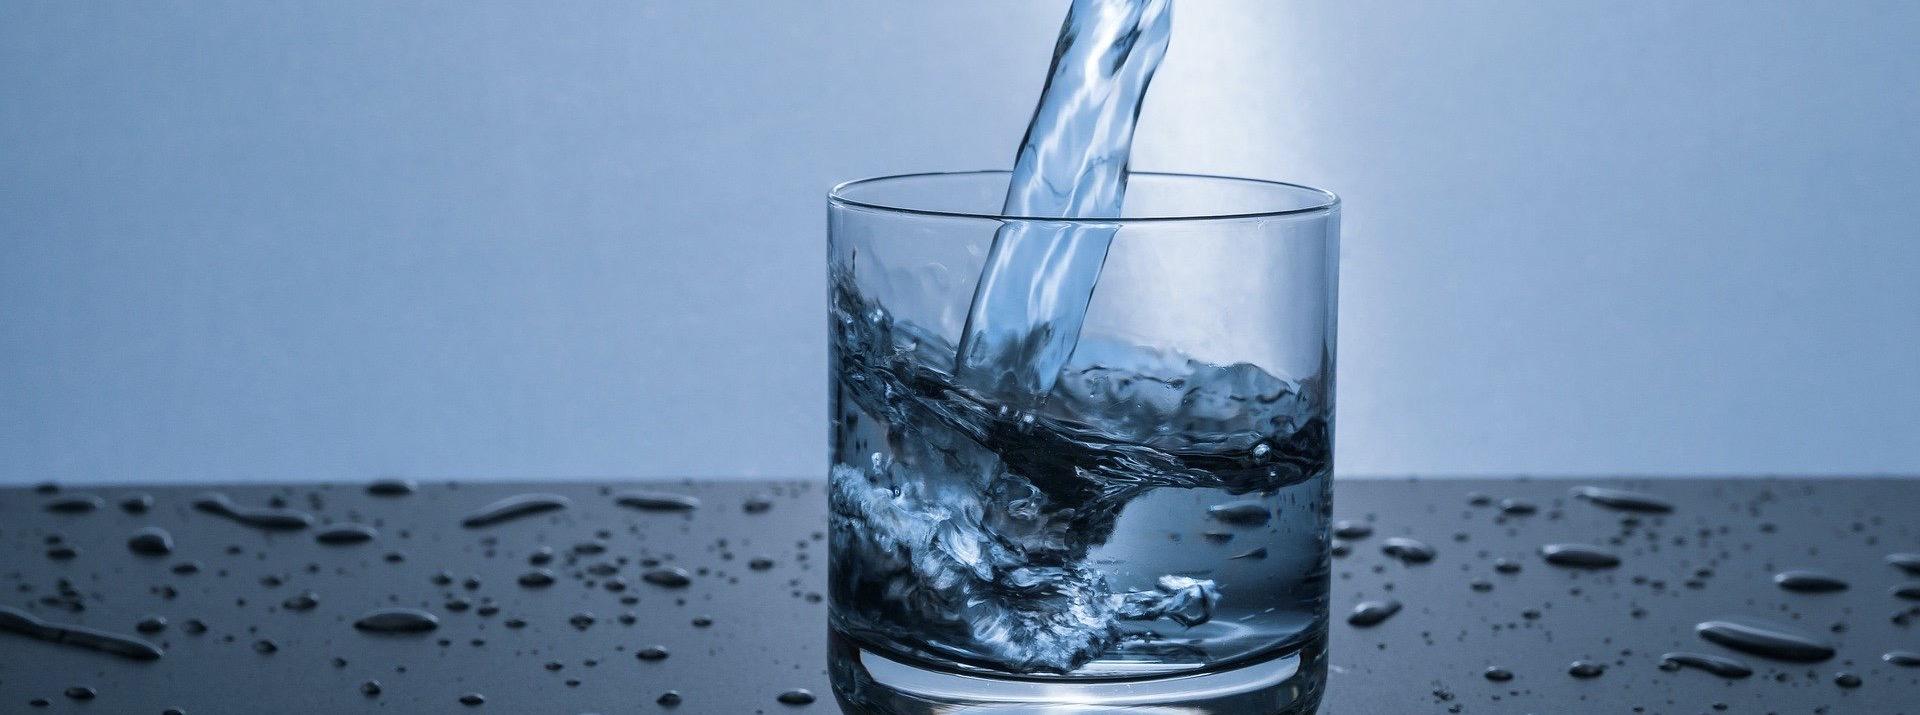 Wasser wird in Glas eingeschenkt